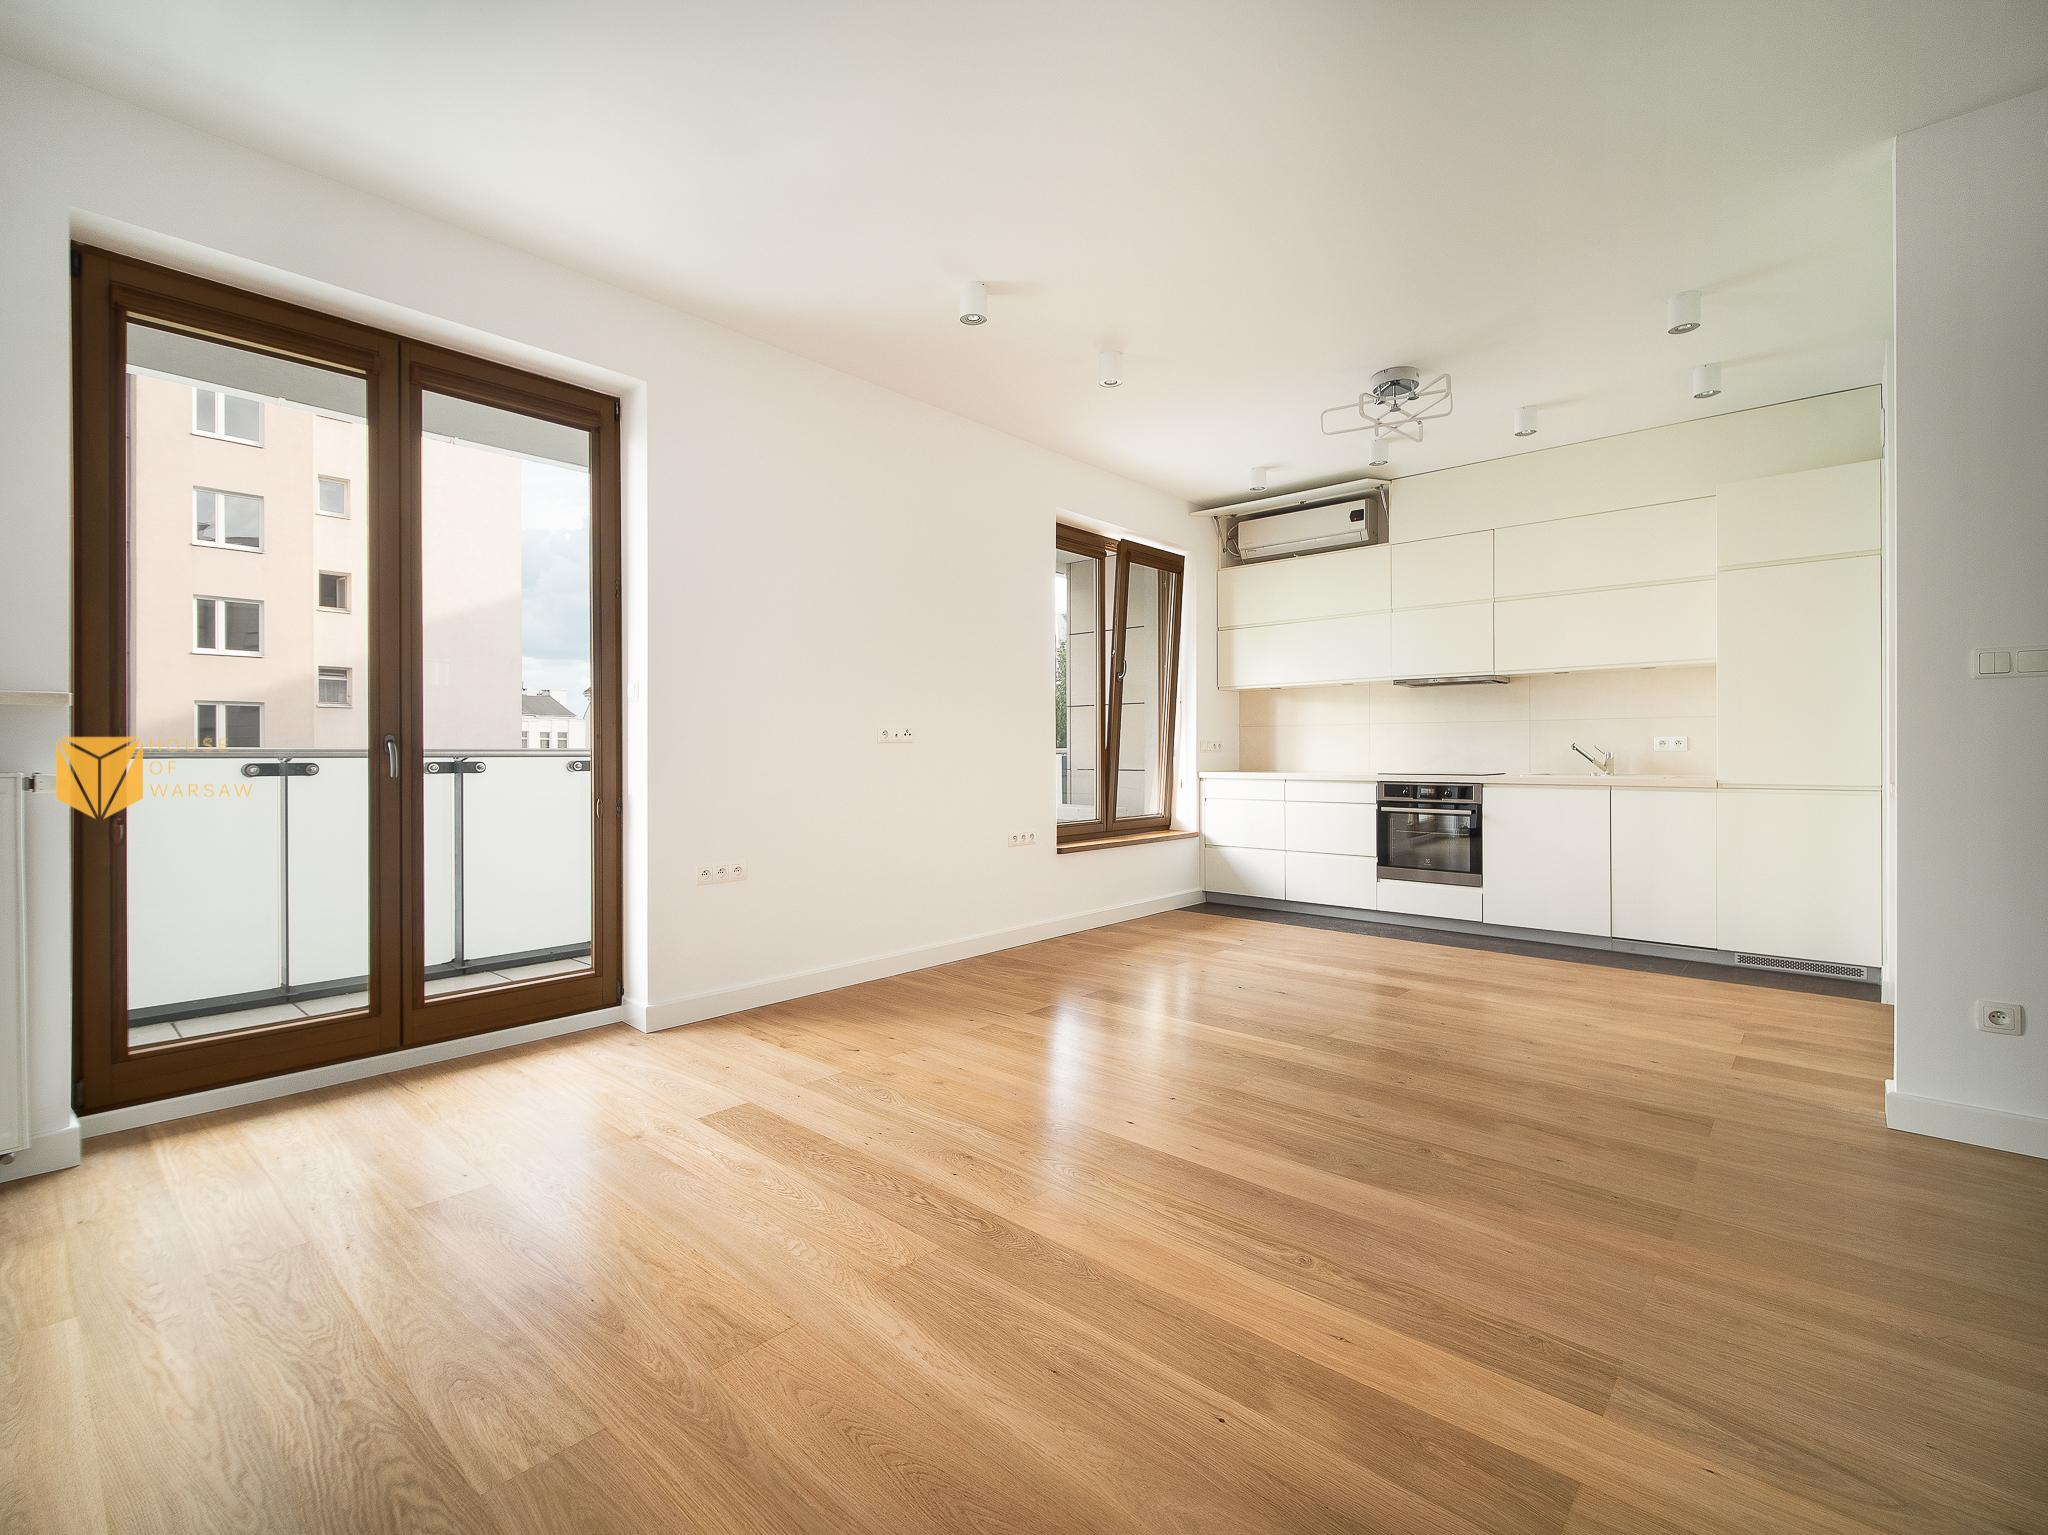 Klimatyzowany apartament do sprzedaży w centrum Warszawy